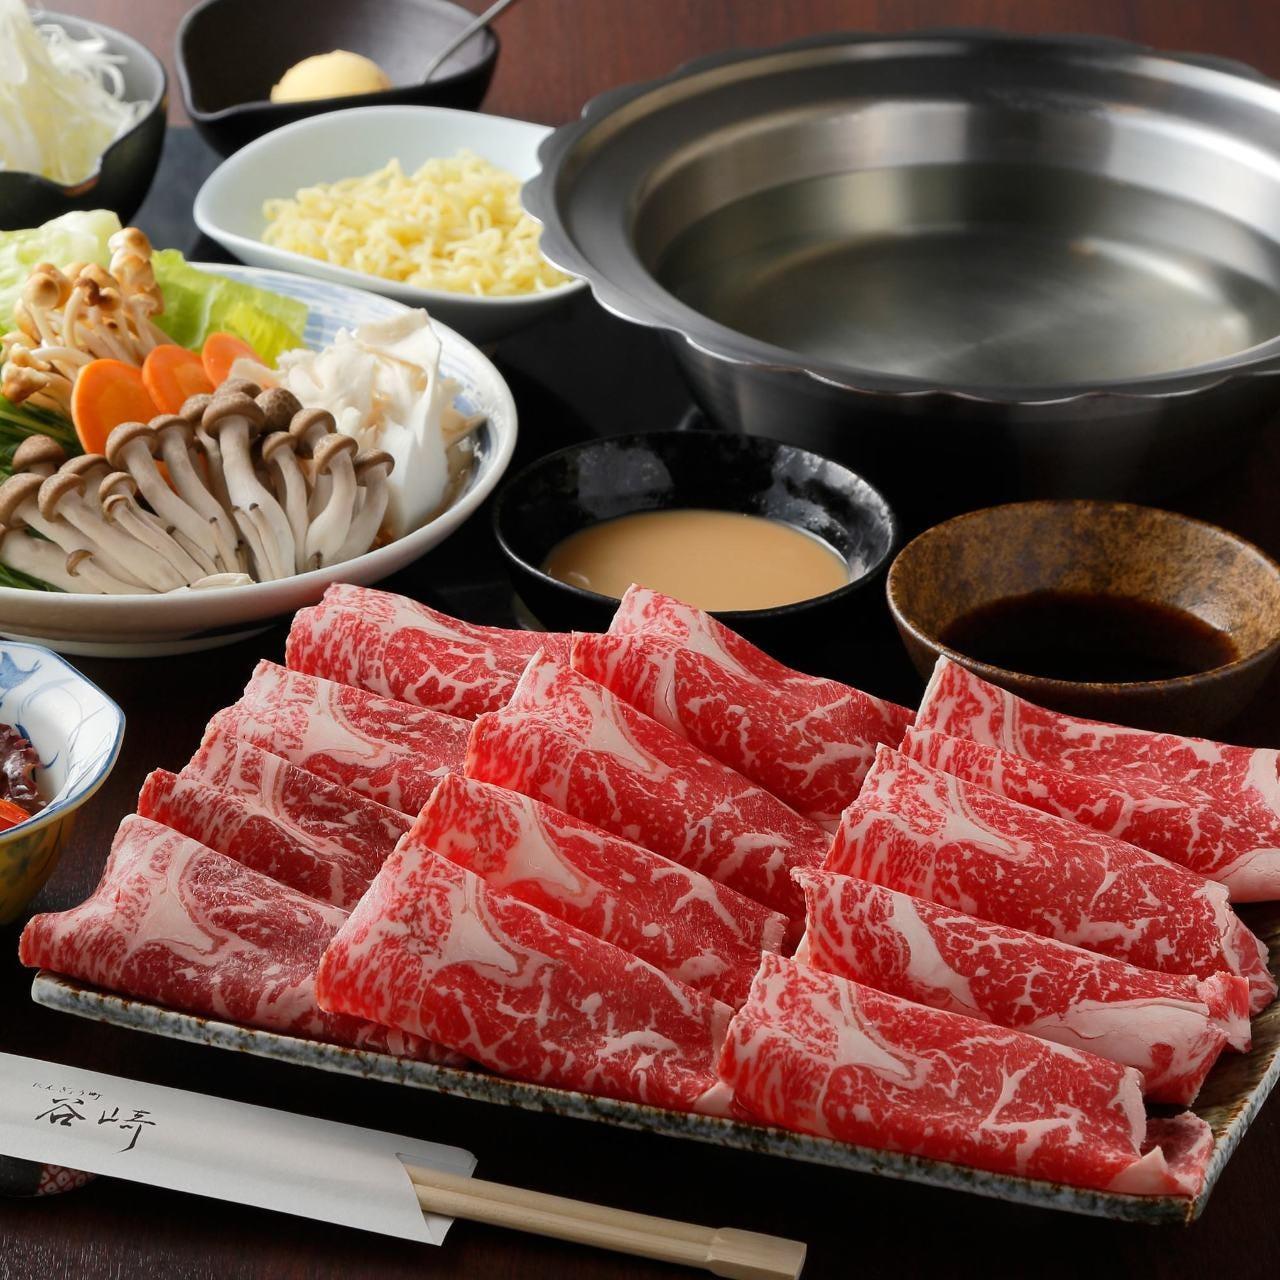 美味しいお肉を食べて元気になろう!